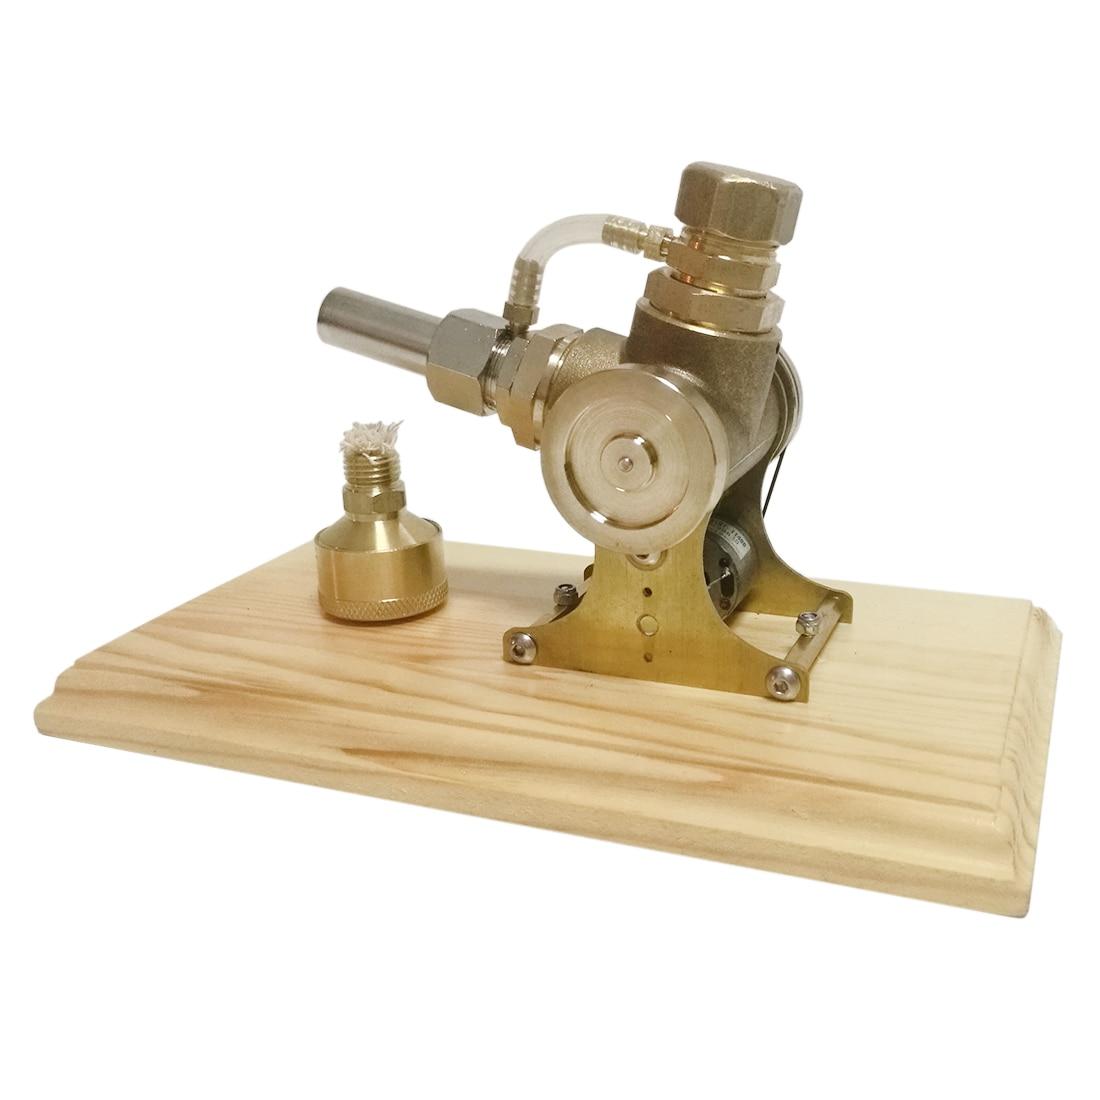 Updated Version Pure Copper V-shape Single-cylinder Double Flywheel Stirling Engine Model ToyUpdated Version Pure Copper V-shape Single-cylinder Double Flywheel Stirling Engine Model Toy